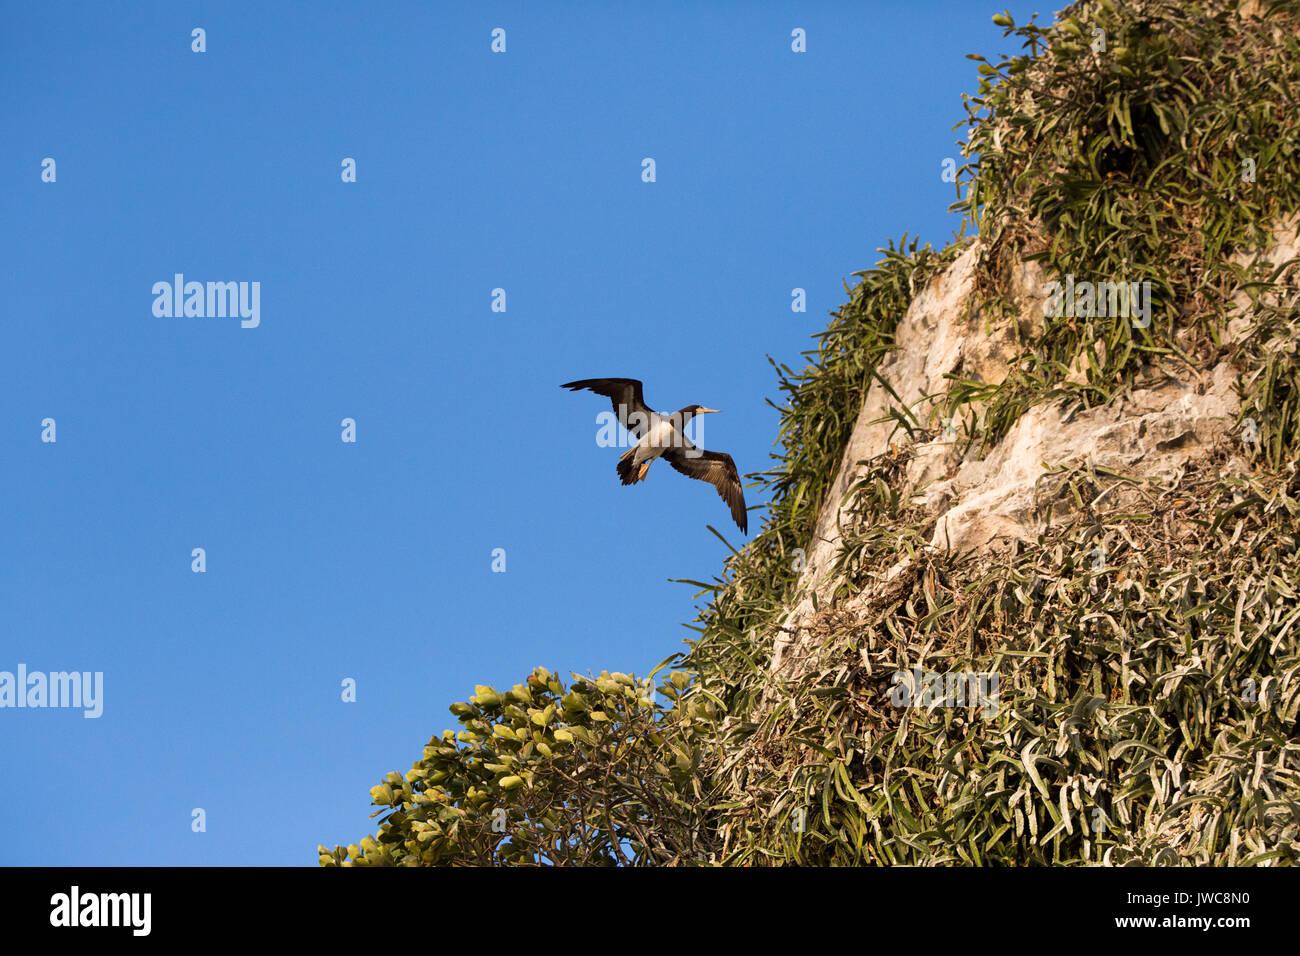 Ein erwachsener Braun boobie fliegt in der Nähe von steilen Klippen von Bona Insel im Golf von Panama. Stockbild